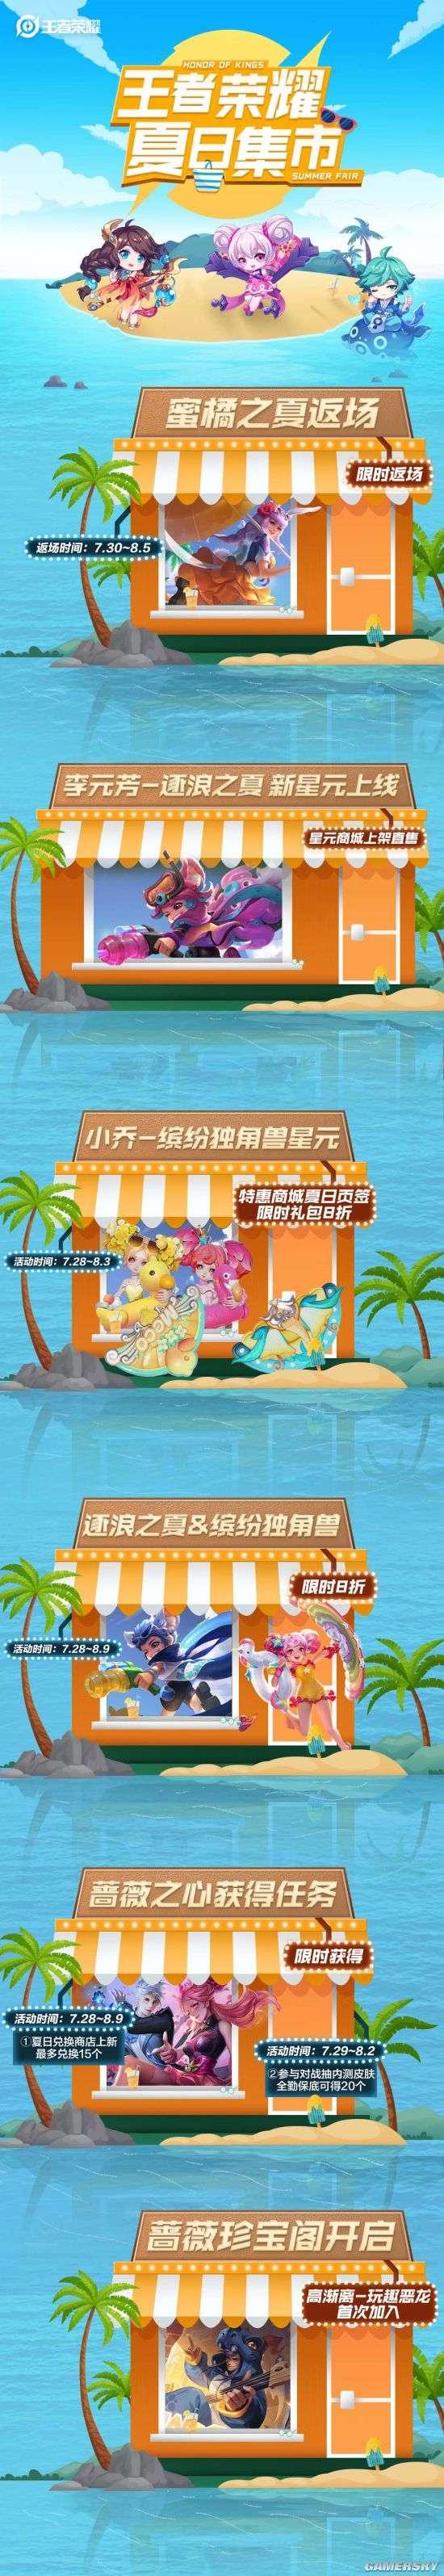 《王者荣耀》夏日集市 一图了解夏日活动